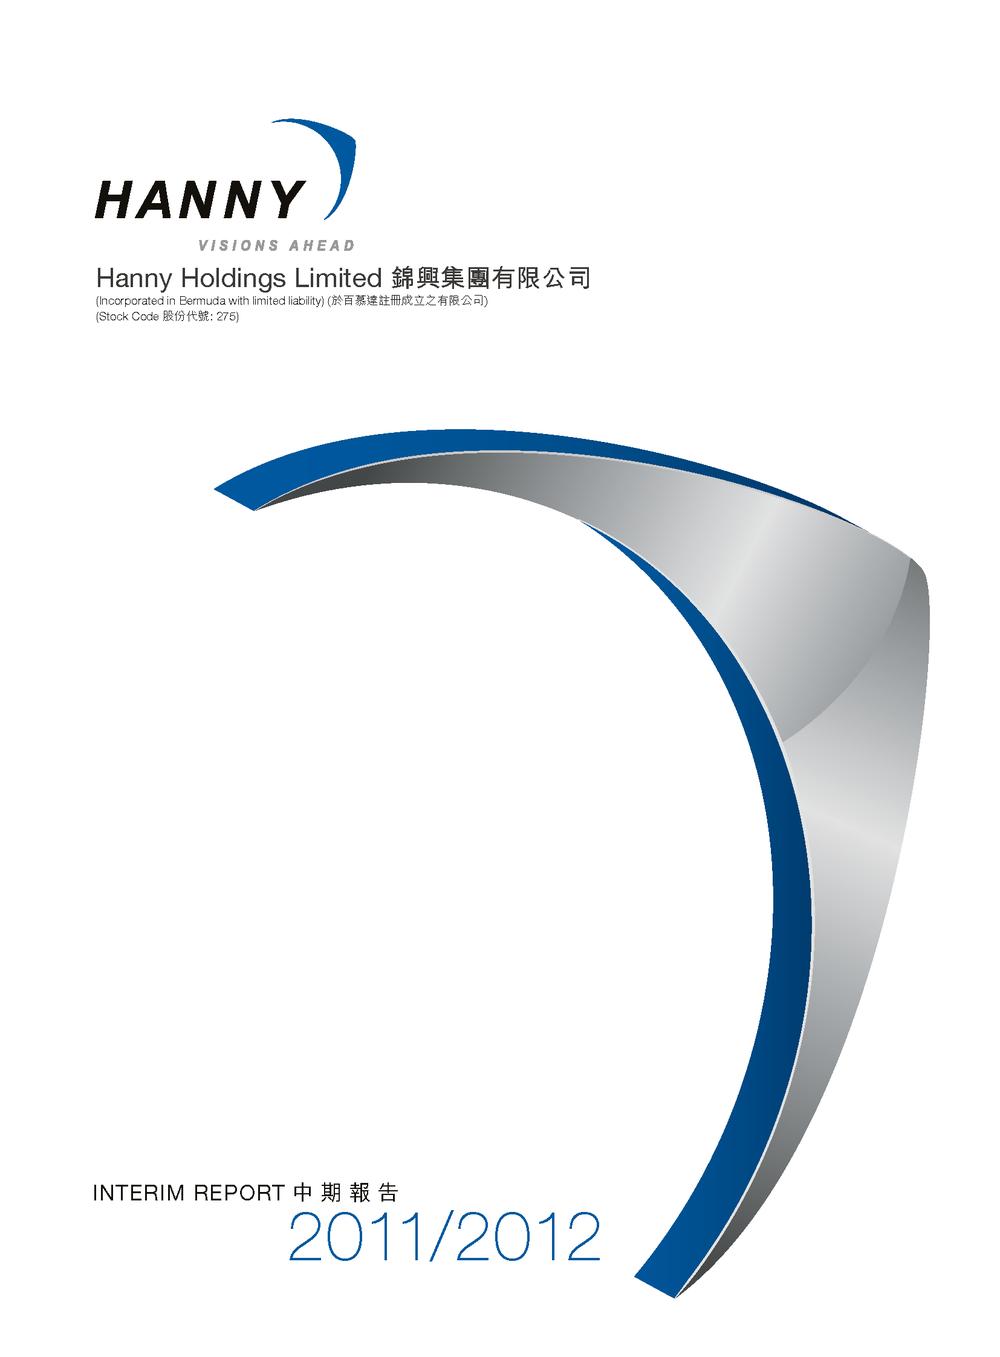 2011/2012 中期報告